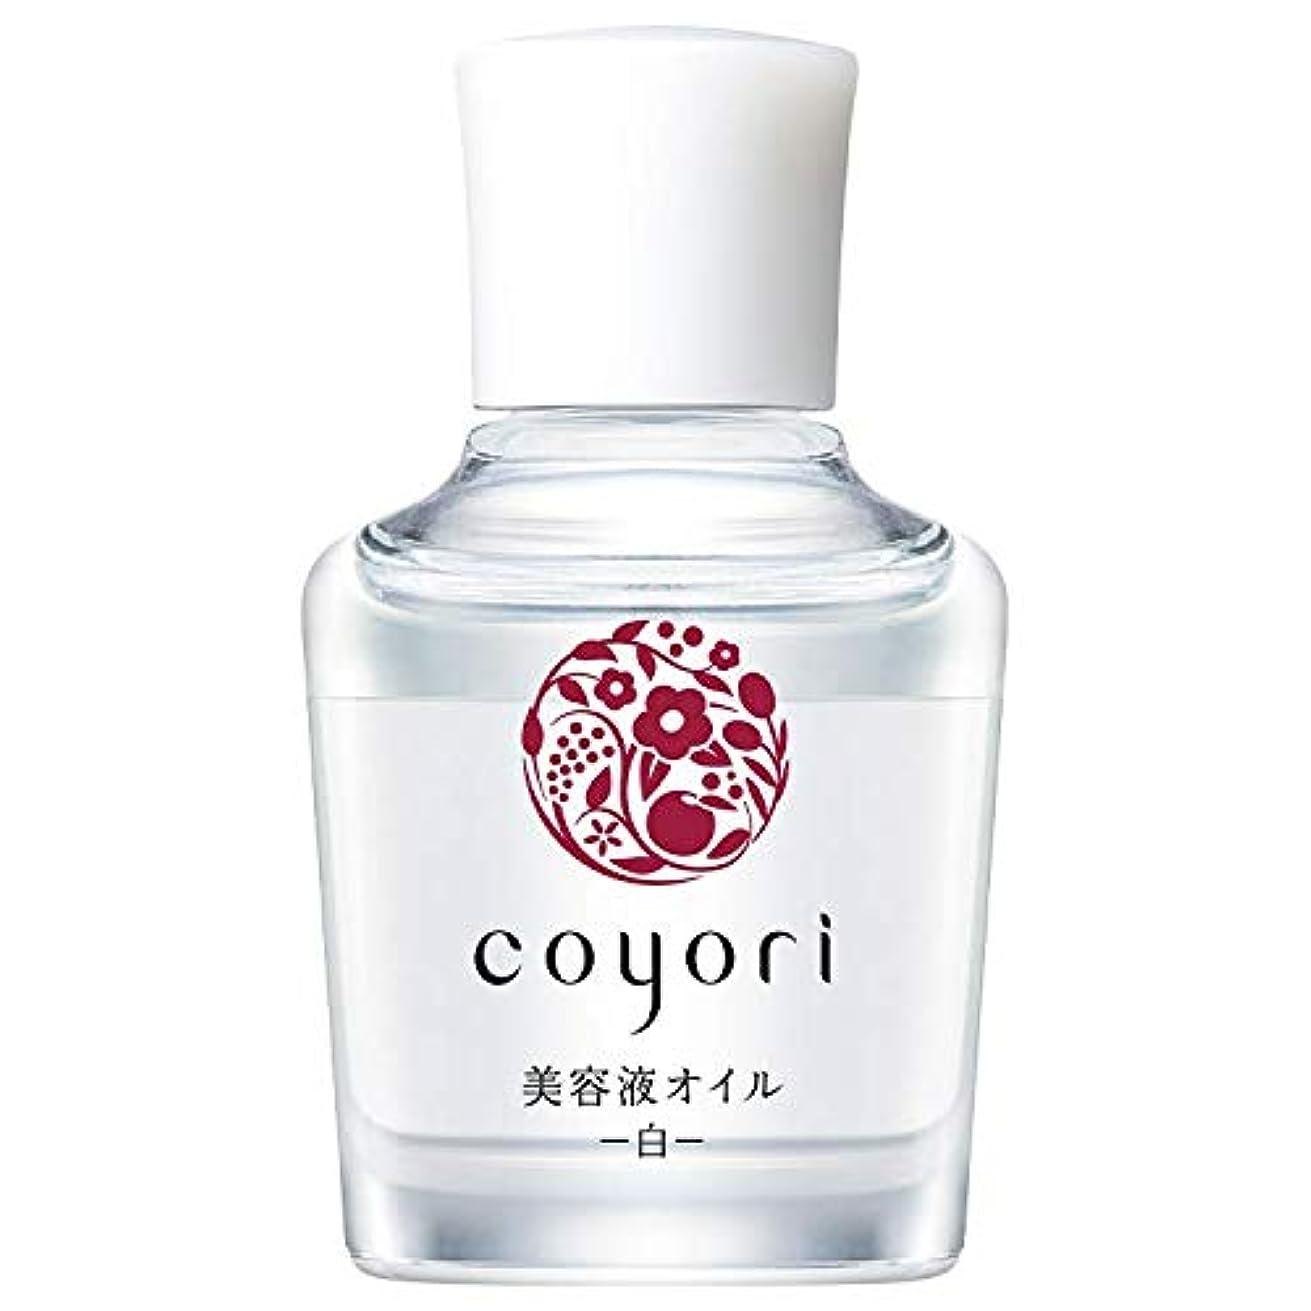 真剣にの配列長さ[公式] コヨリ 美容液オイル-白- 20mL 無添加[高機能 自然派 エイジングケア 乾燥肌 敏感肌 くすみ 乾燥 小じわ 対策用 もっちり ハリ ツヤ フェイスオイル ]